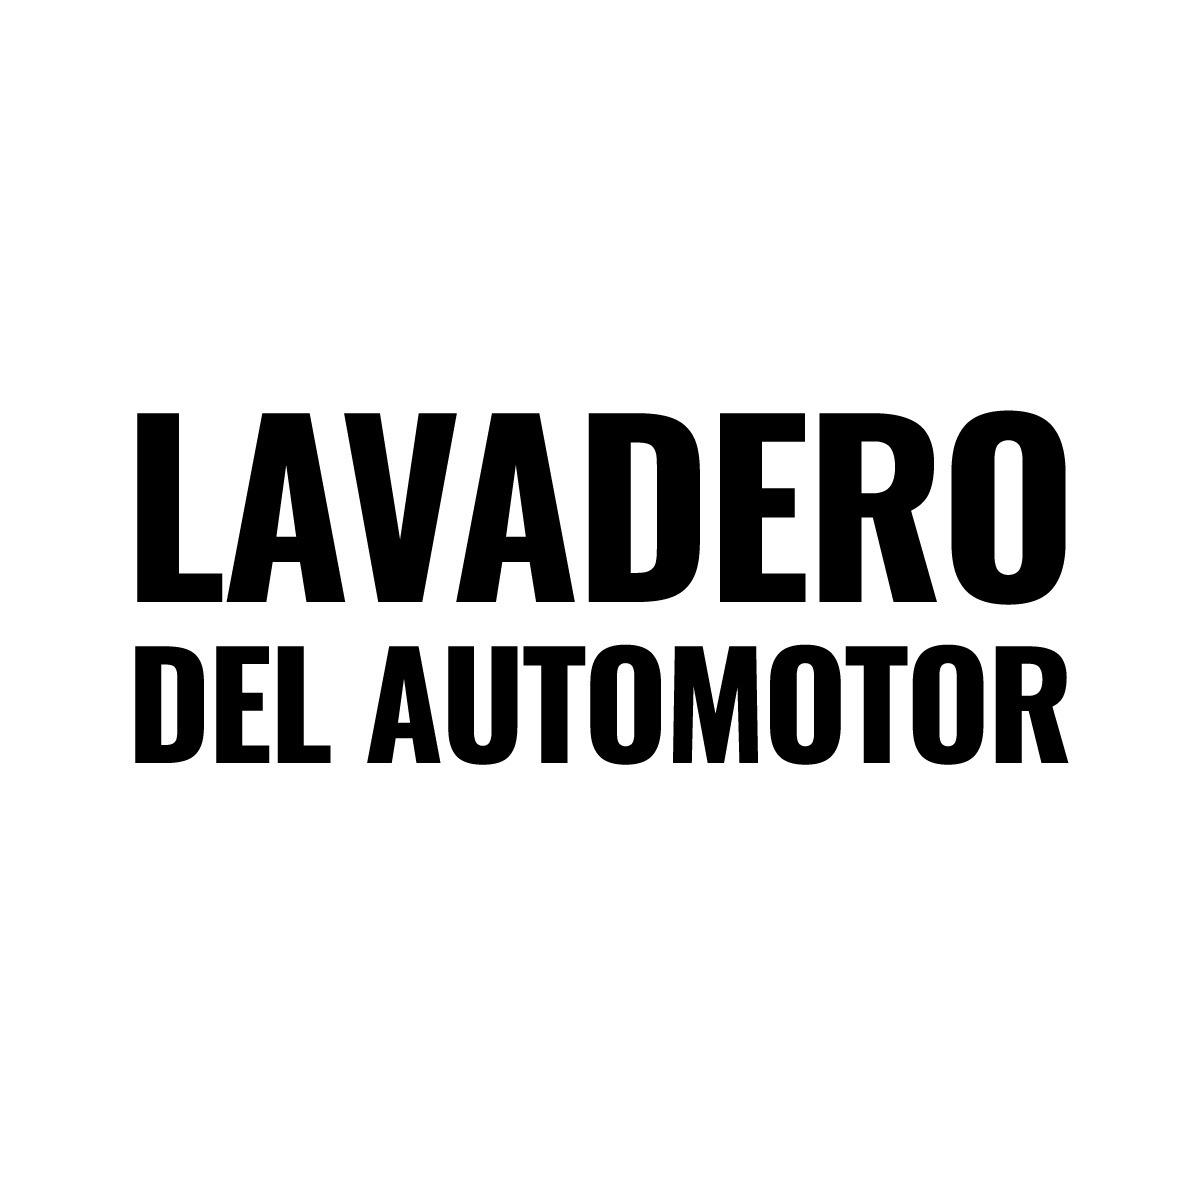 Lavadero Del Automotor